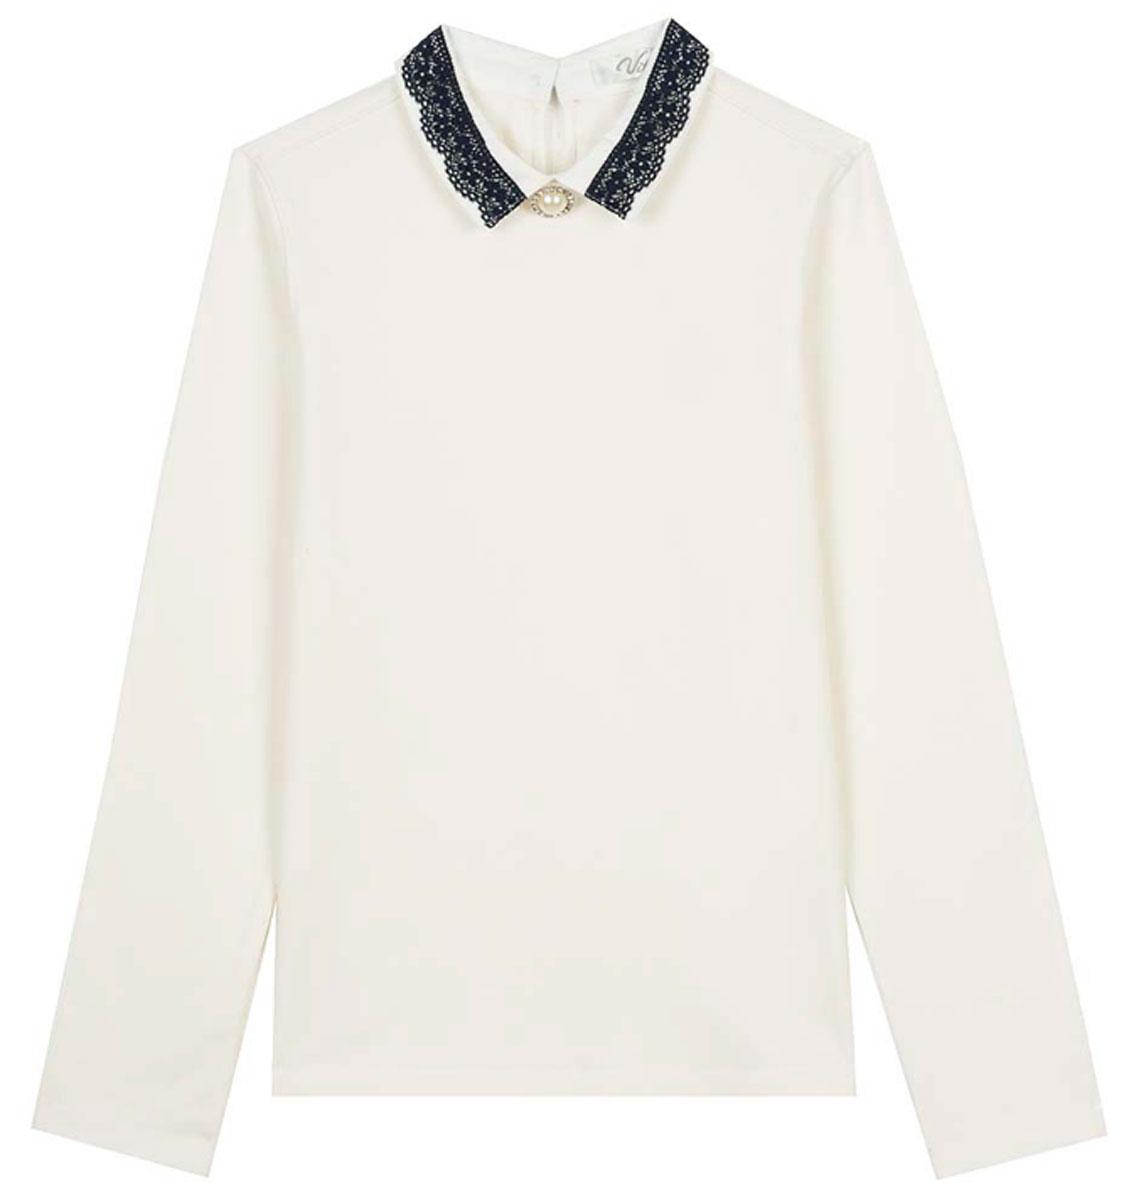 Блузка для девочек Vitacci, цвет: слоновая кость. 2173204L-25. Размер 1402173204L-25Классическая школьная блузка для девочки